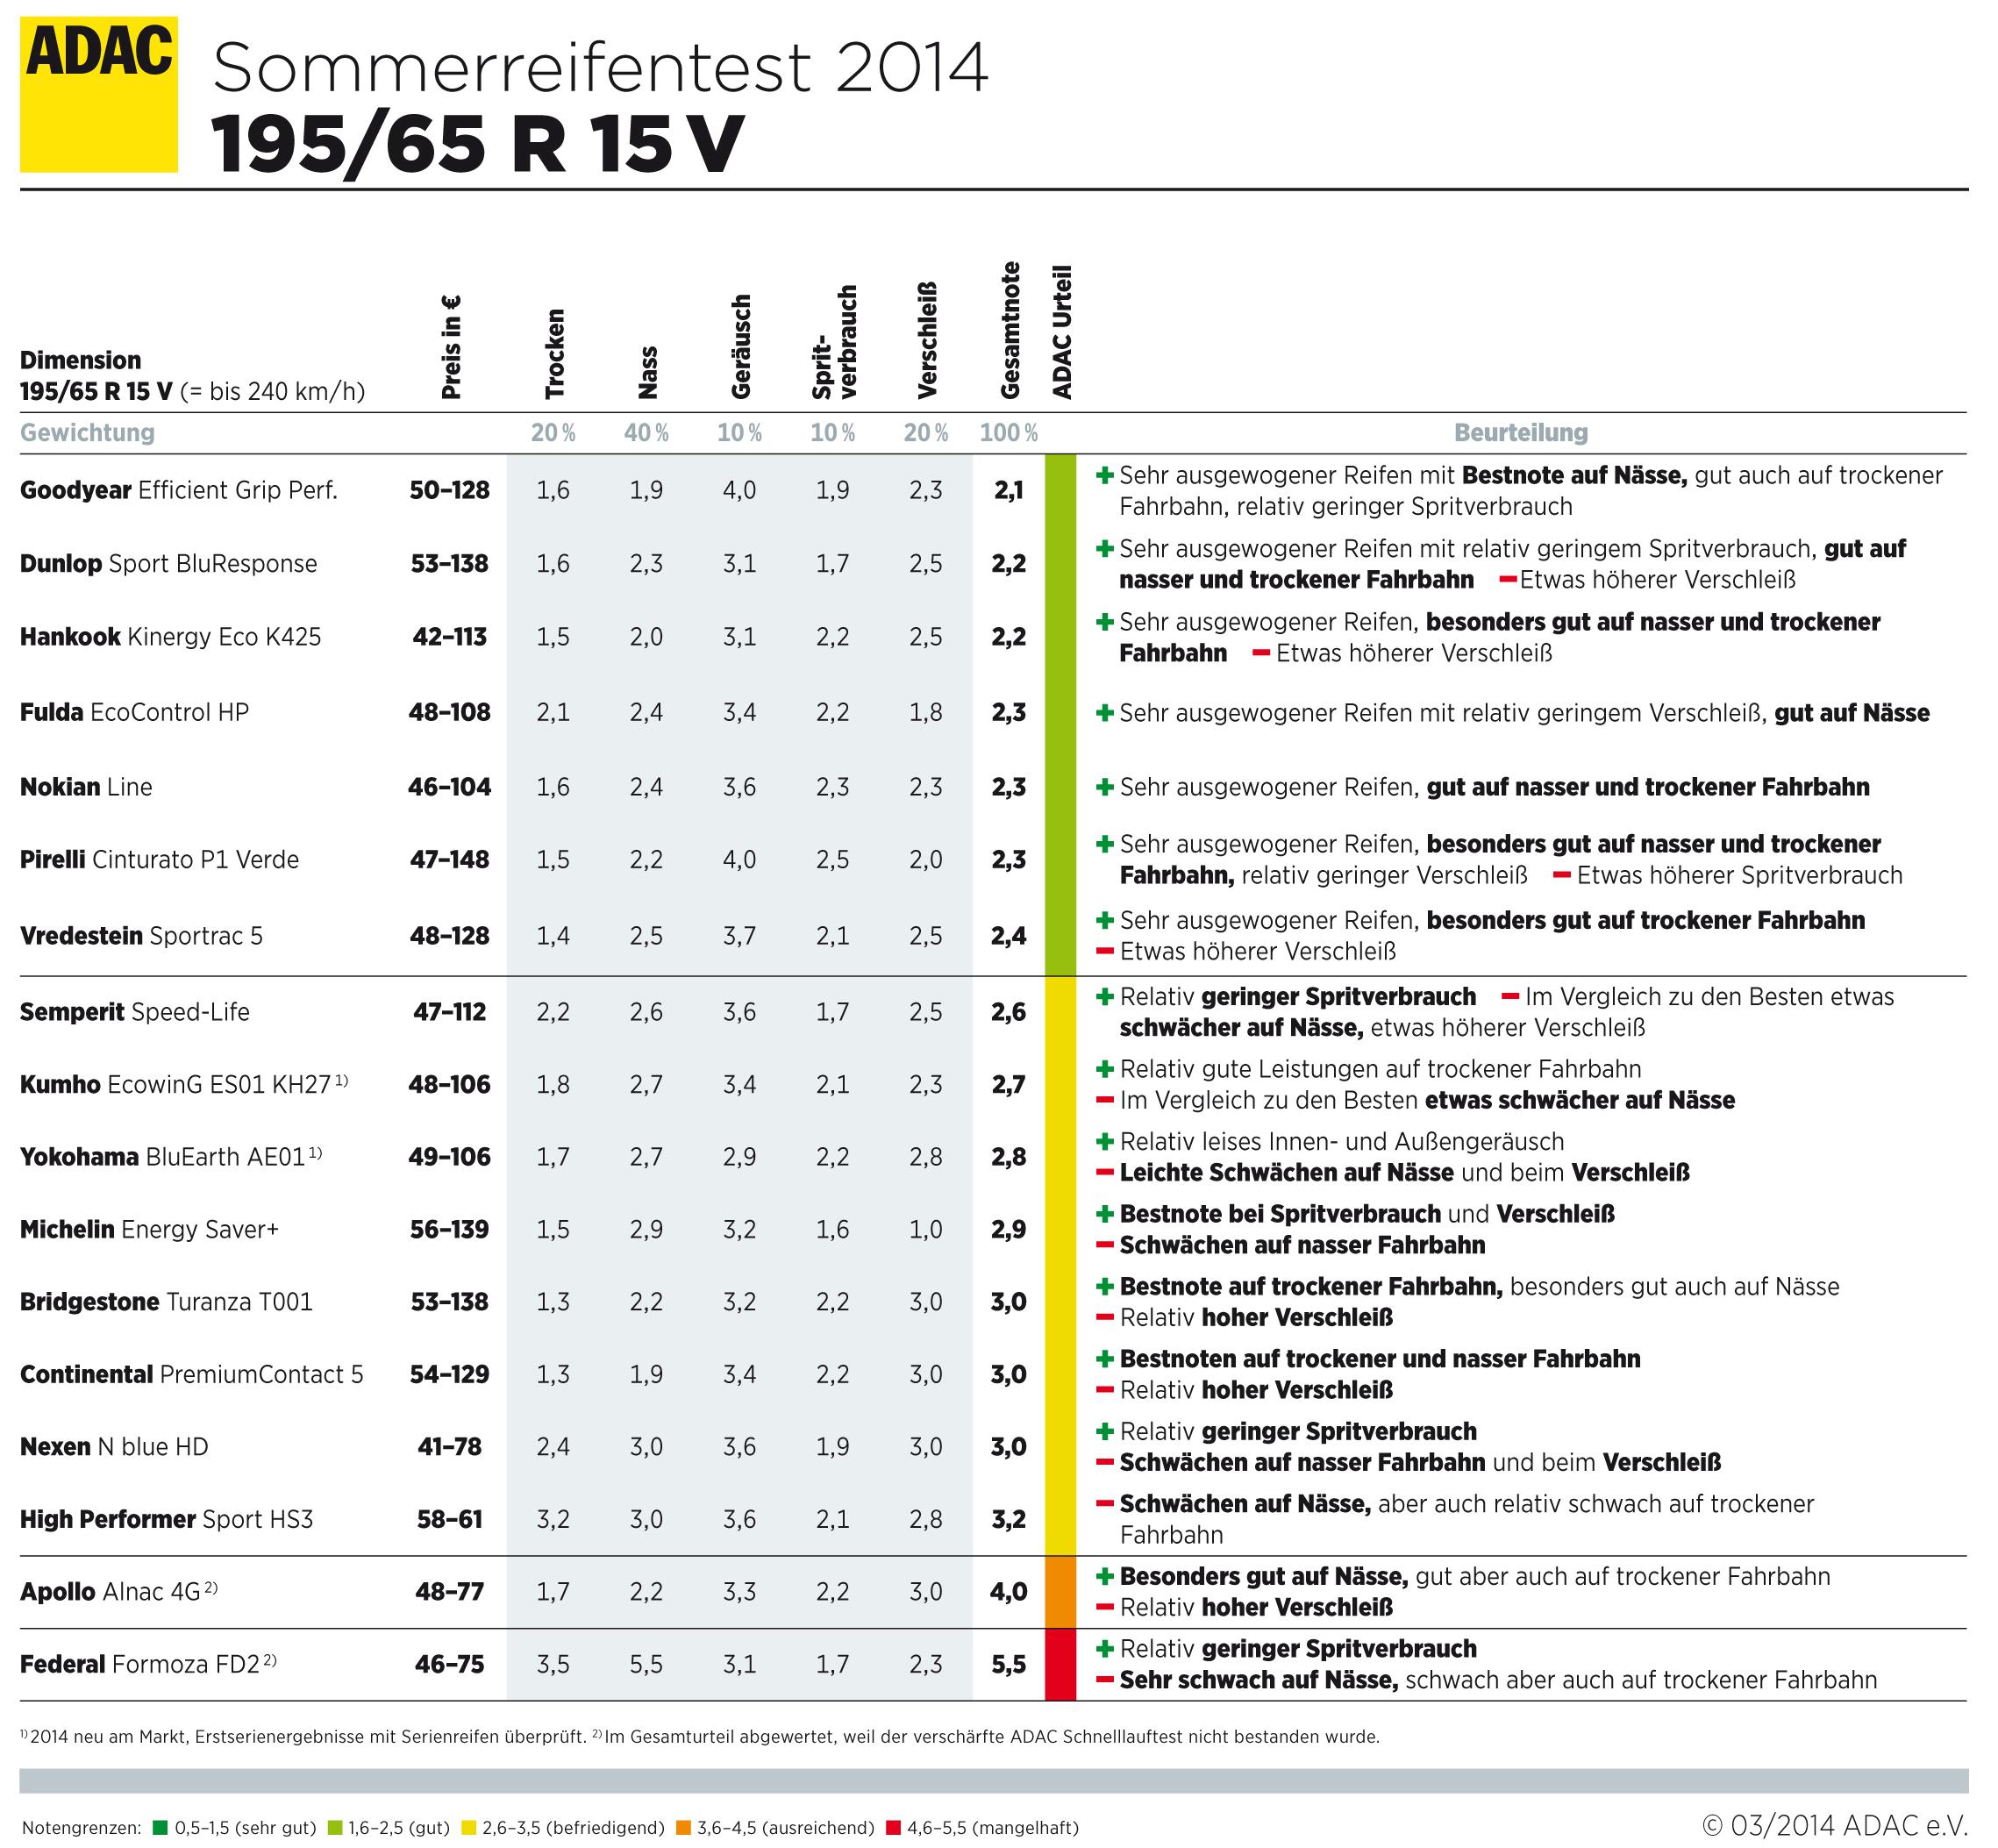 ADAC Sommerreifentest 2014 - Reifengröße 195/65 R15 V